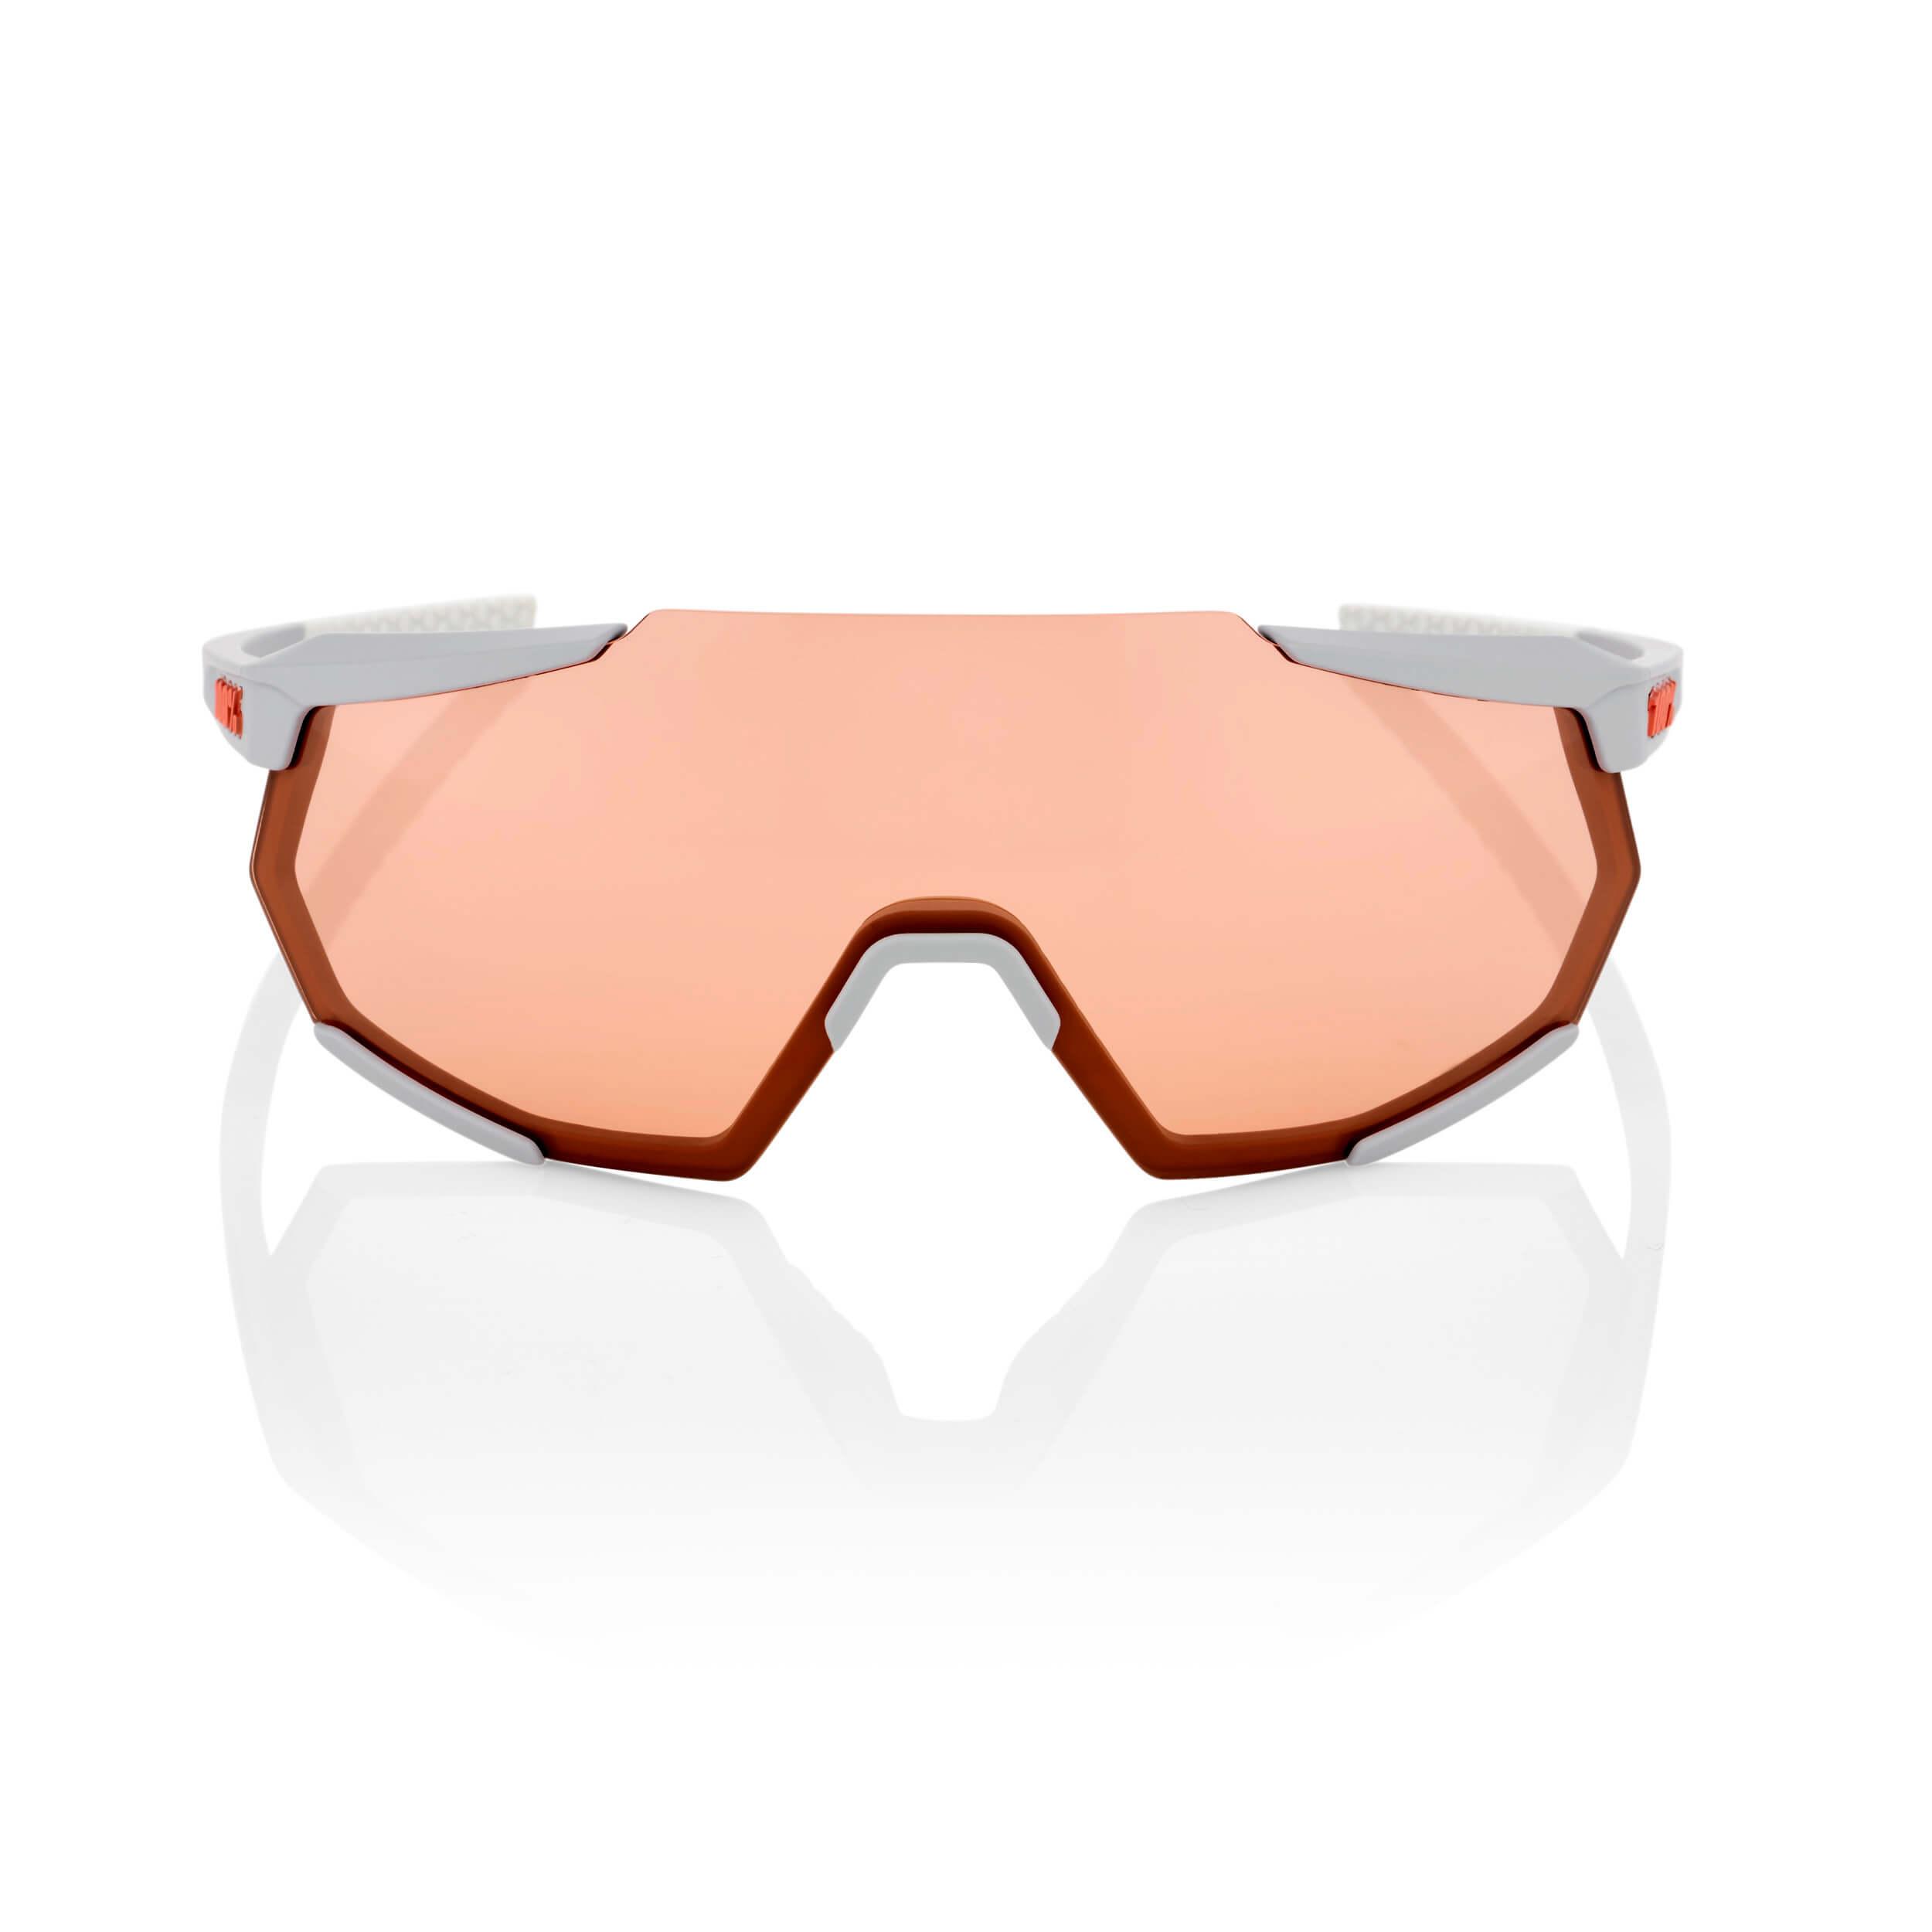 RACETRAP – Soft Tact Stone Grey – HiPER Coral Lens